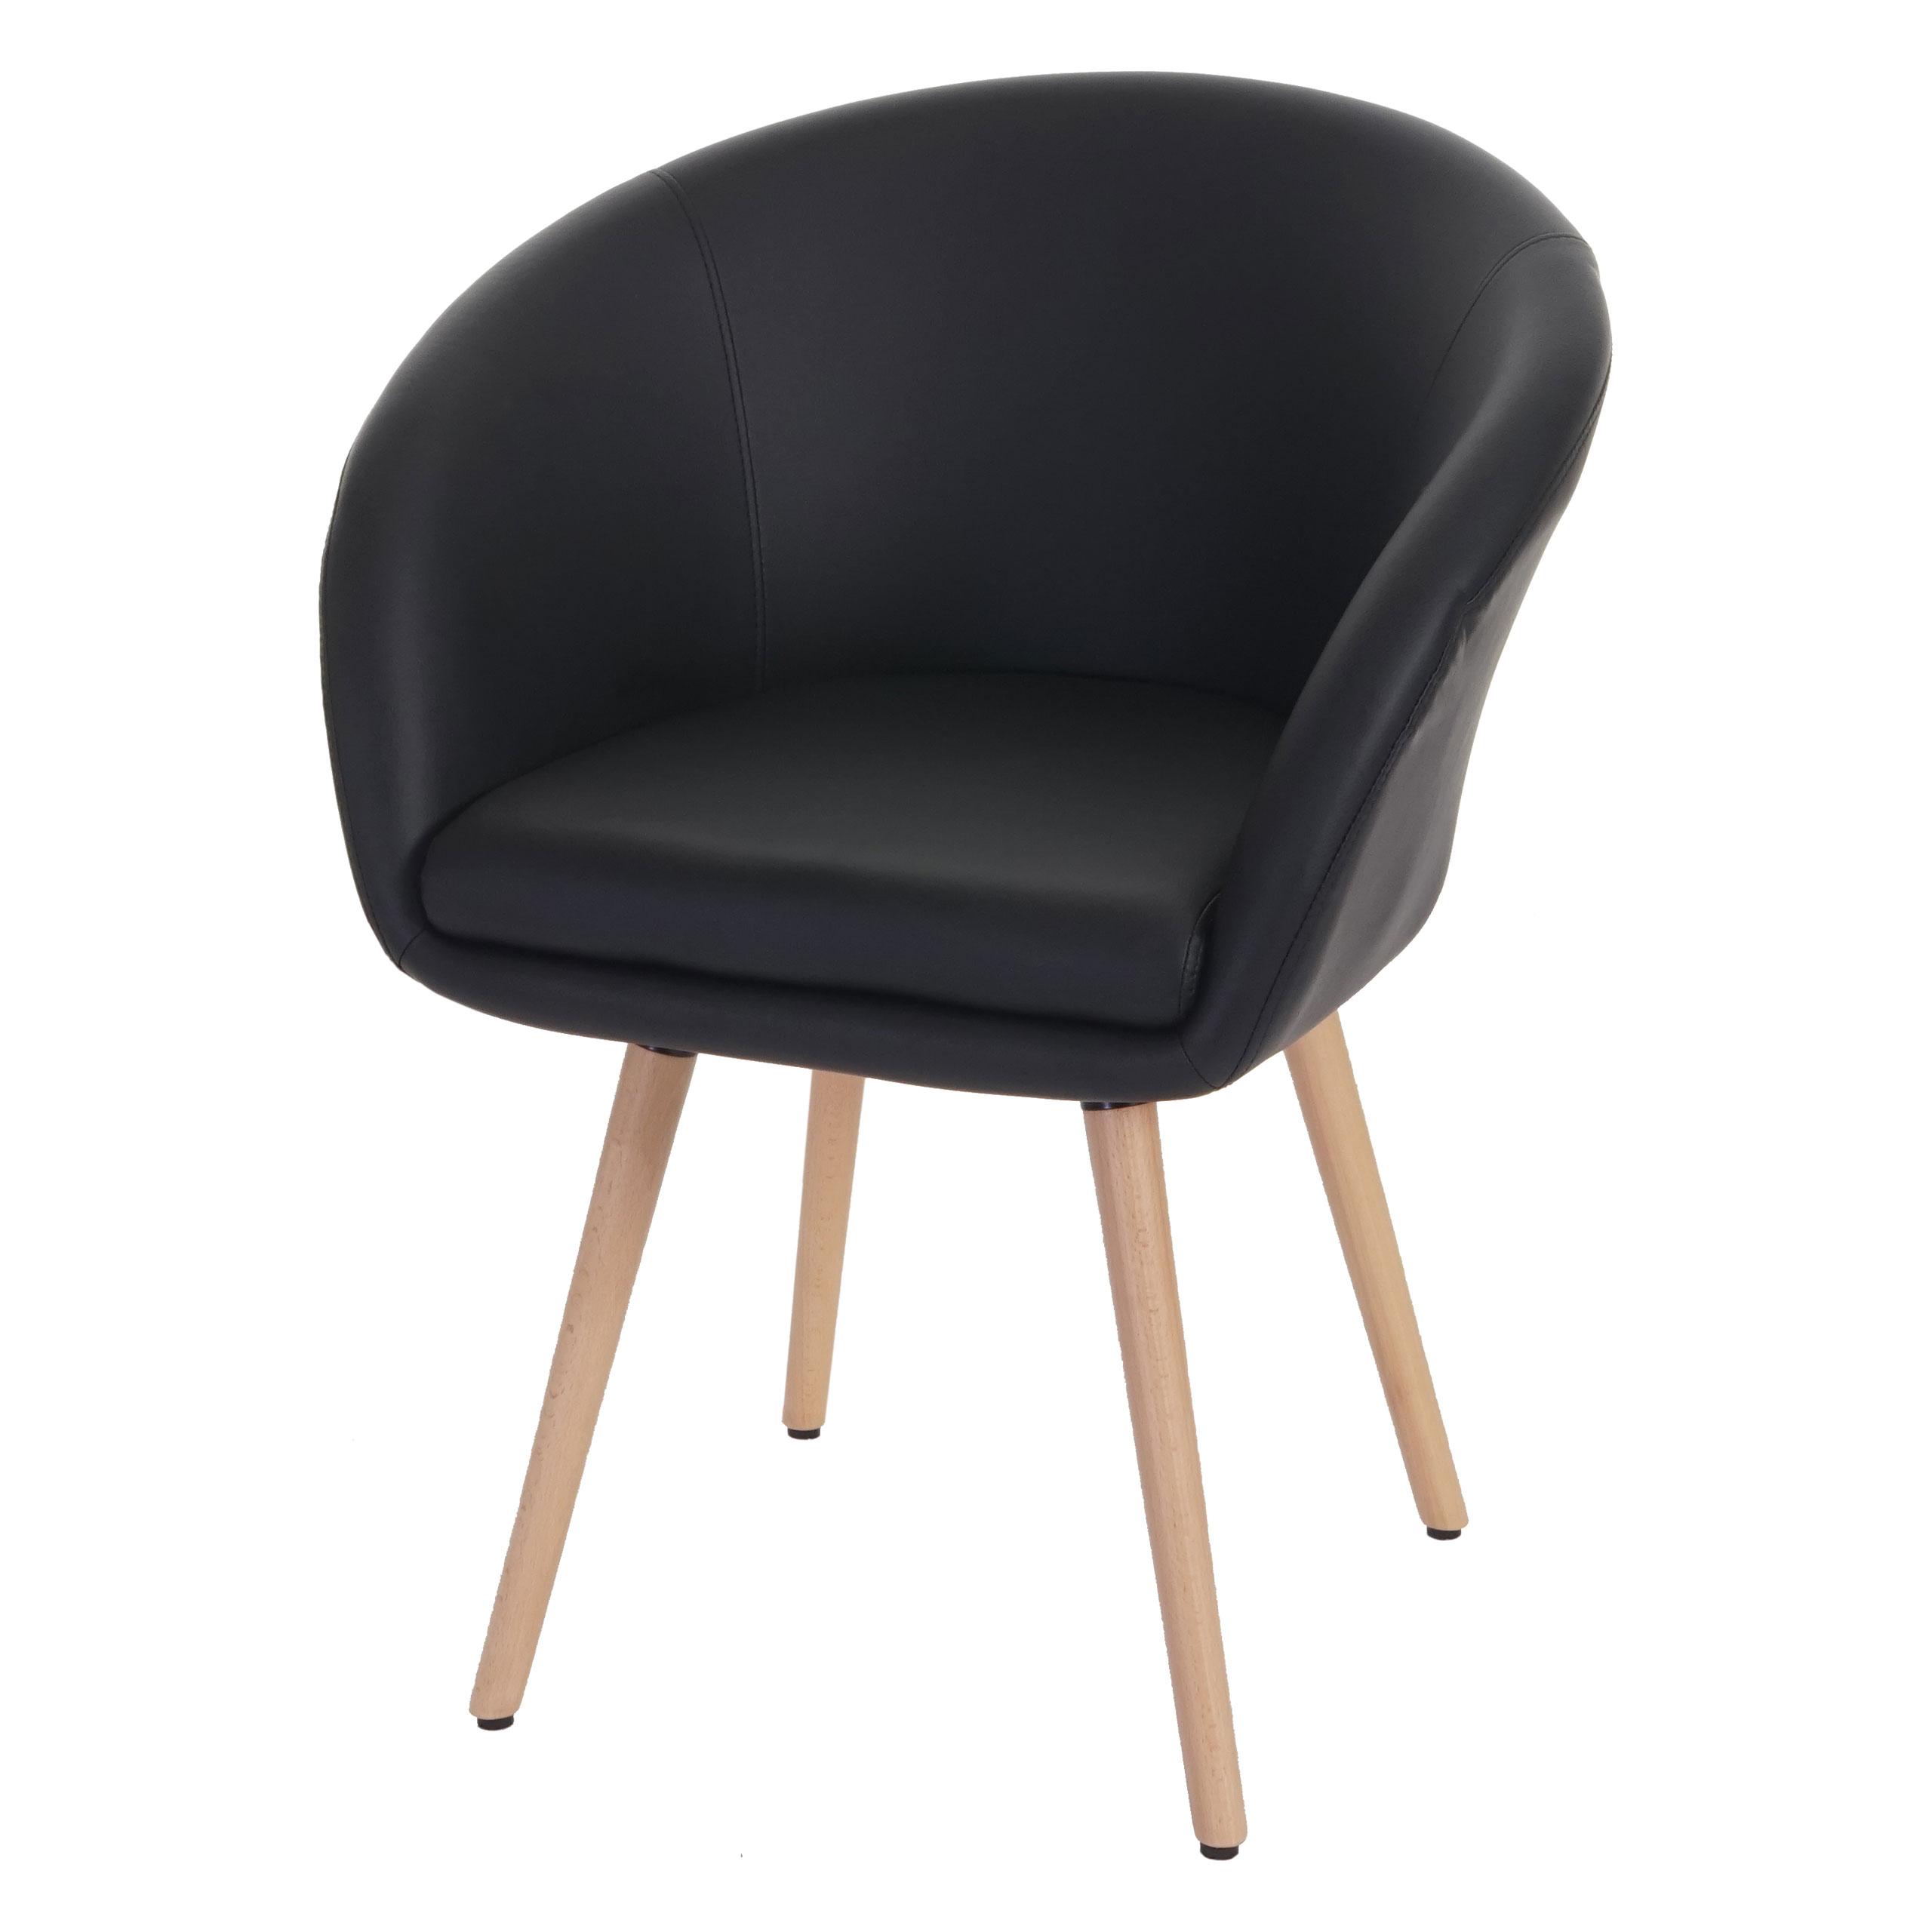 Esszimmerstuhl malm t633 stuhl lehnstuhl retro 50er for Stuhl design 50er